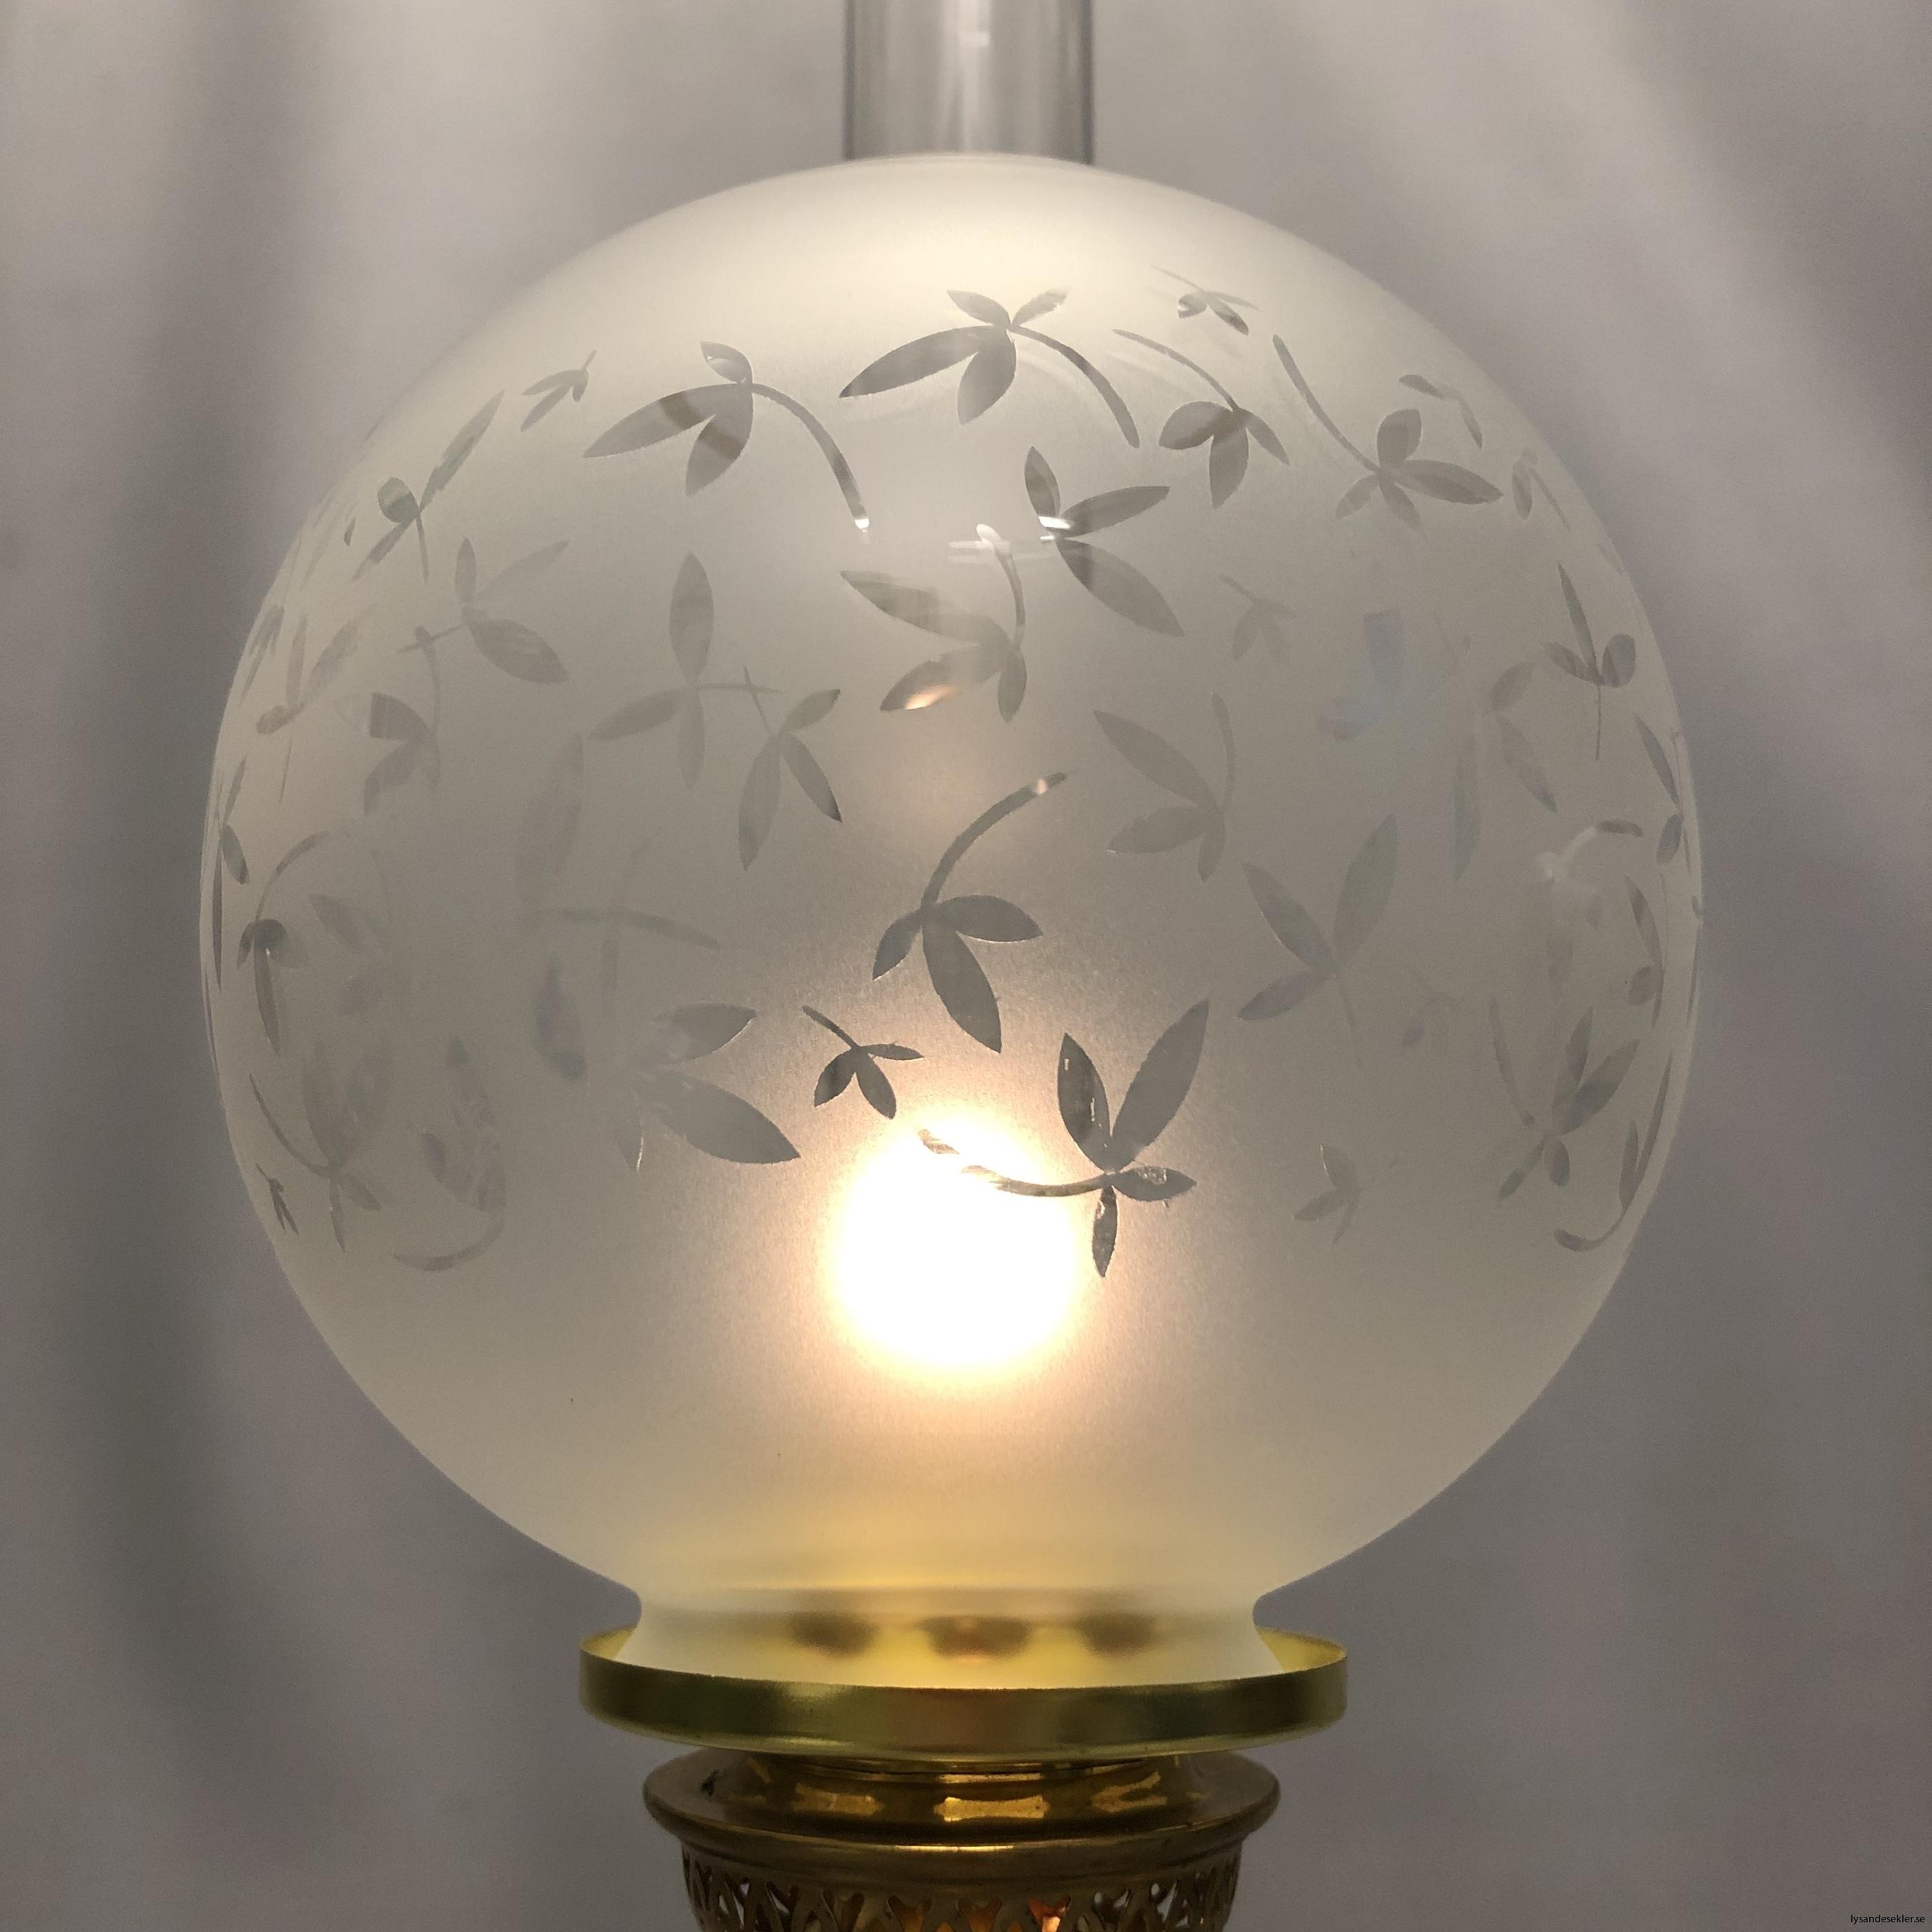 klotkupa liten frostad ornamenterad med blad5